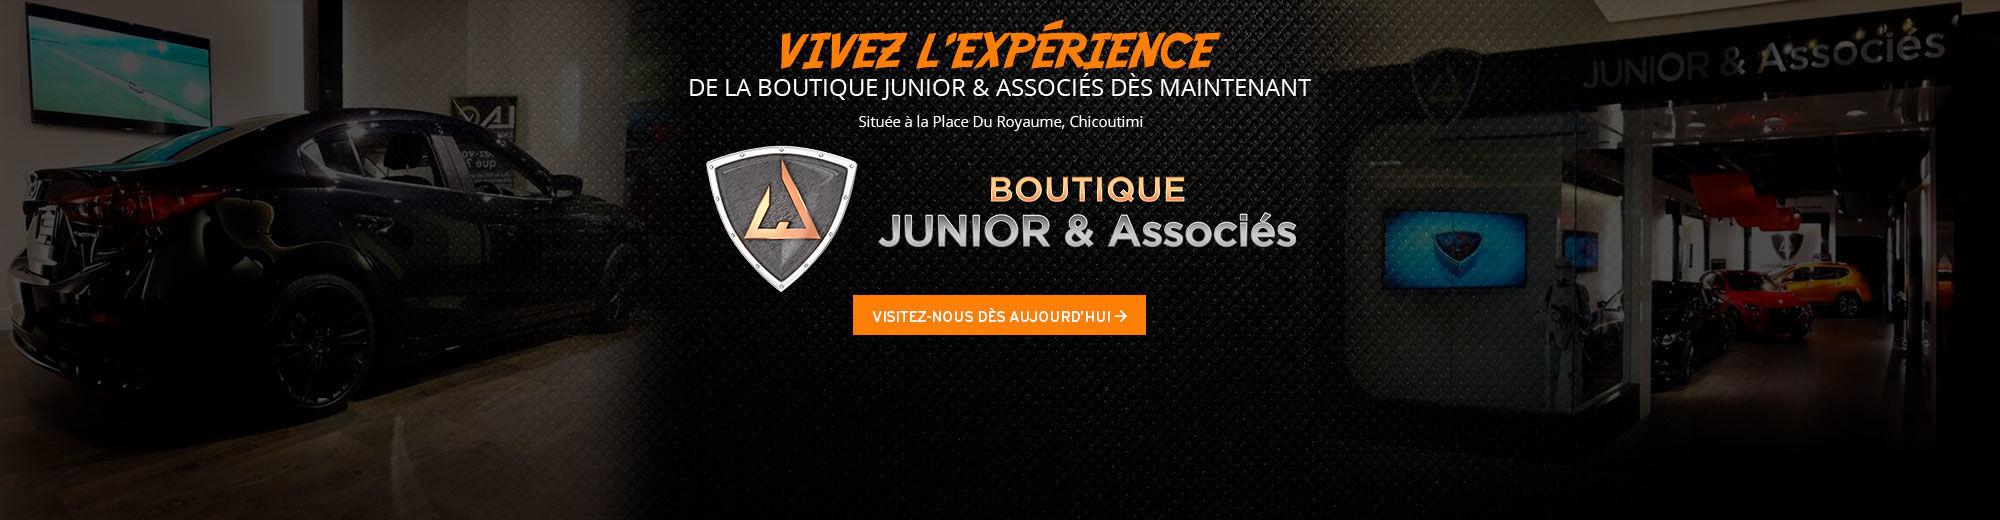 Vivez l'expérience de la boutique Junior & Associés